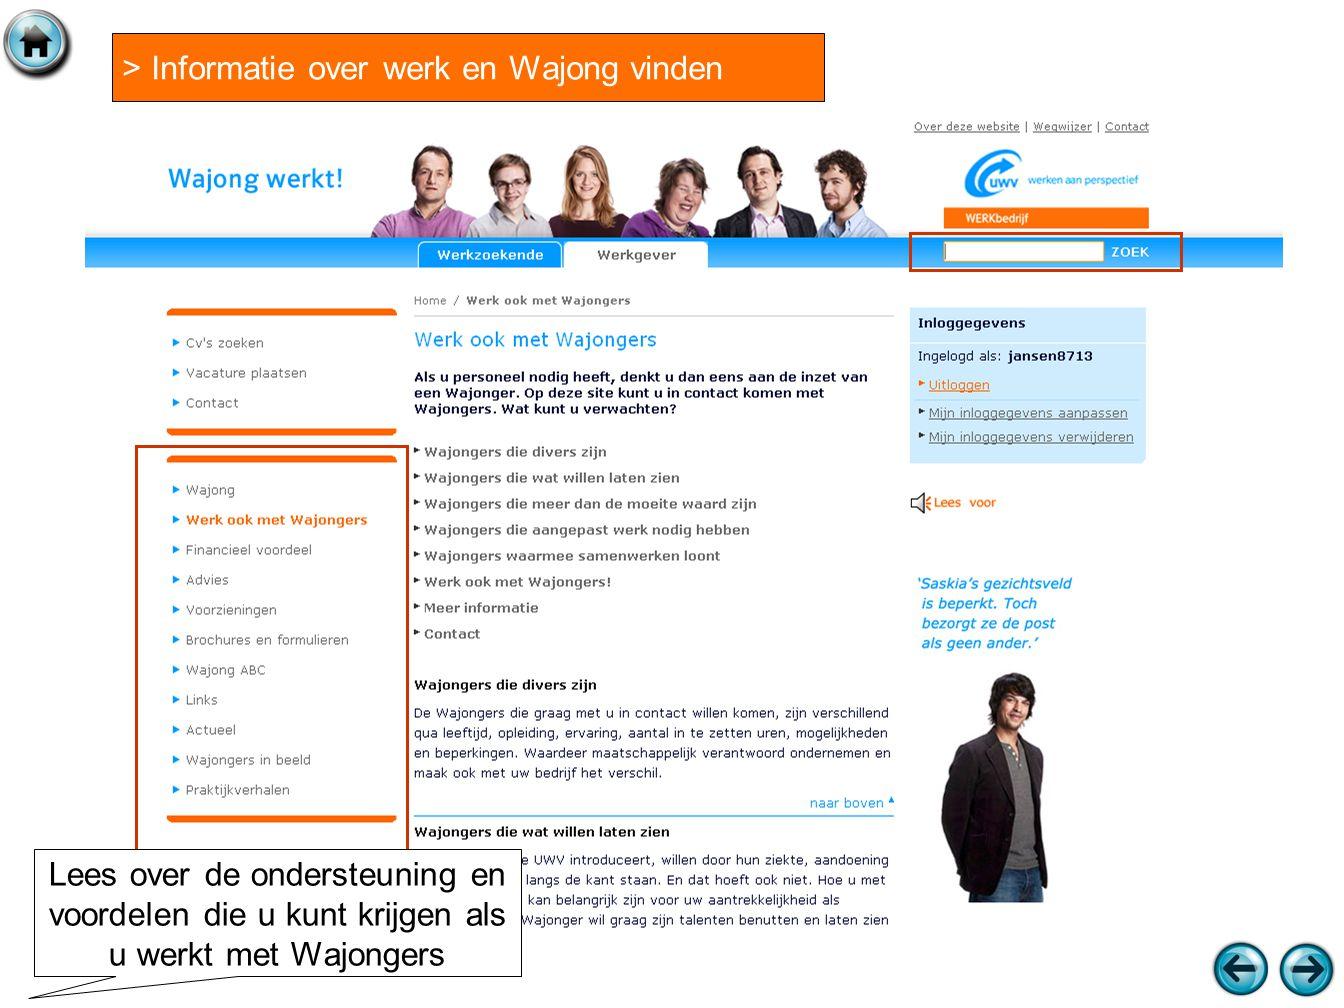 > Informatie over werk en Wajong vinden Lees over de ondersteuning en voordelen die u kunt krijgen als u werkt met Wajongers